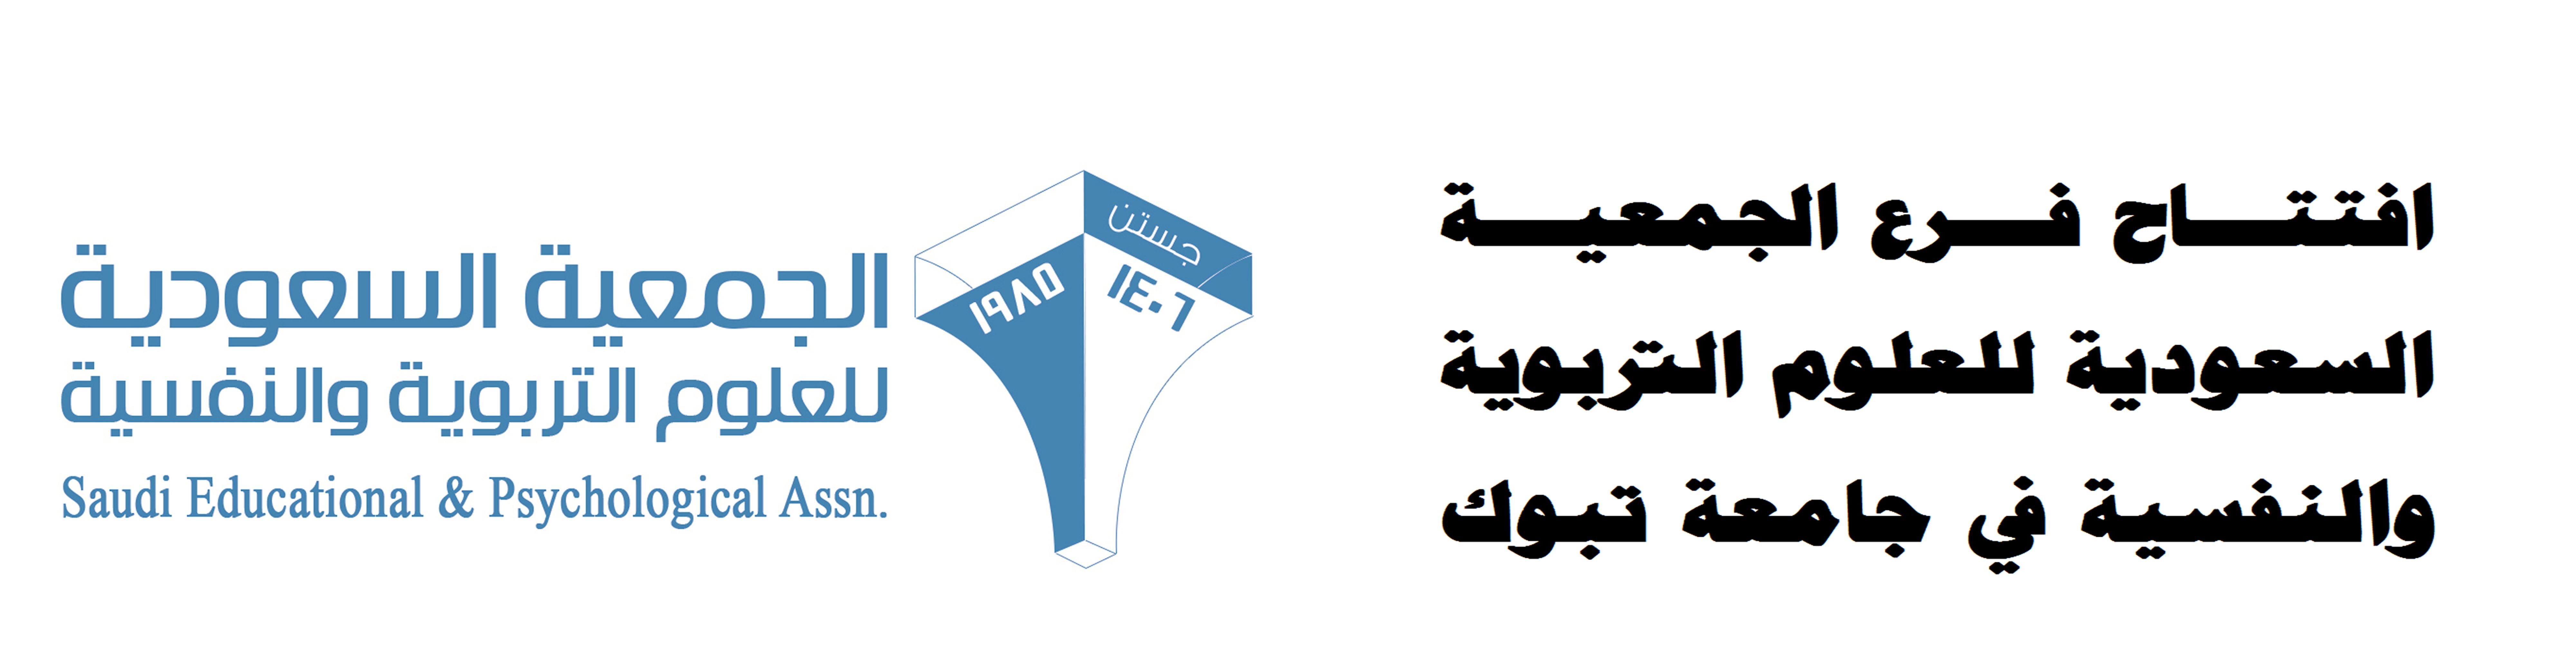 افتتاح فرع الجمعية السعودية... - يوم الثلاثاء/11/ 2 /1439ه